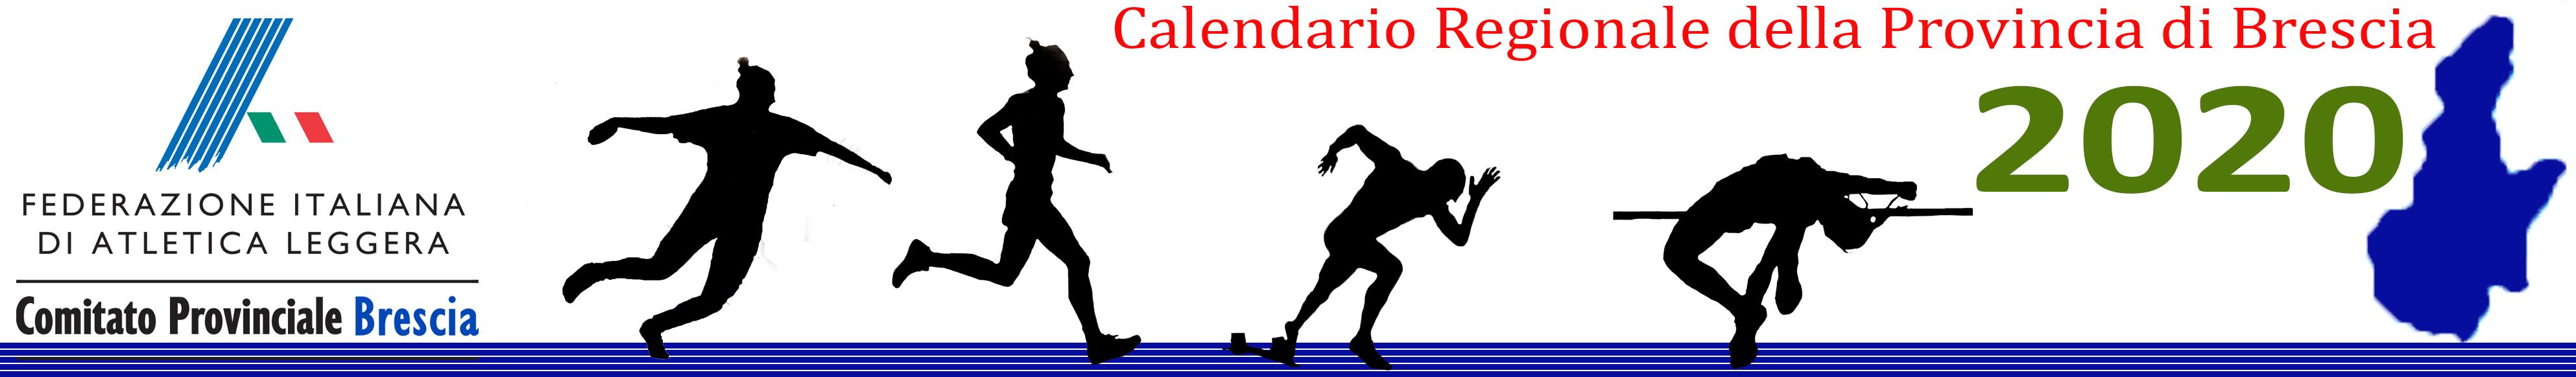 Aggiornato fino al 31.03.2020 rev.00 del 03.12.2020